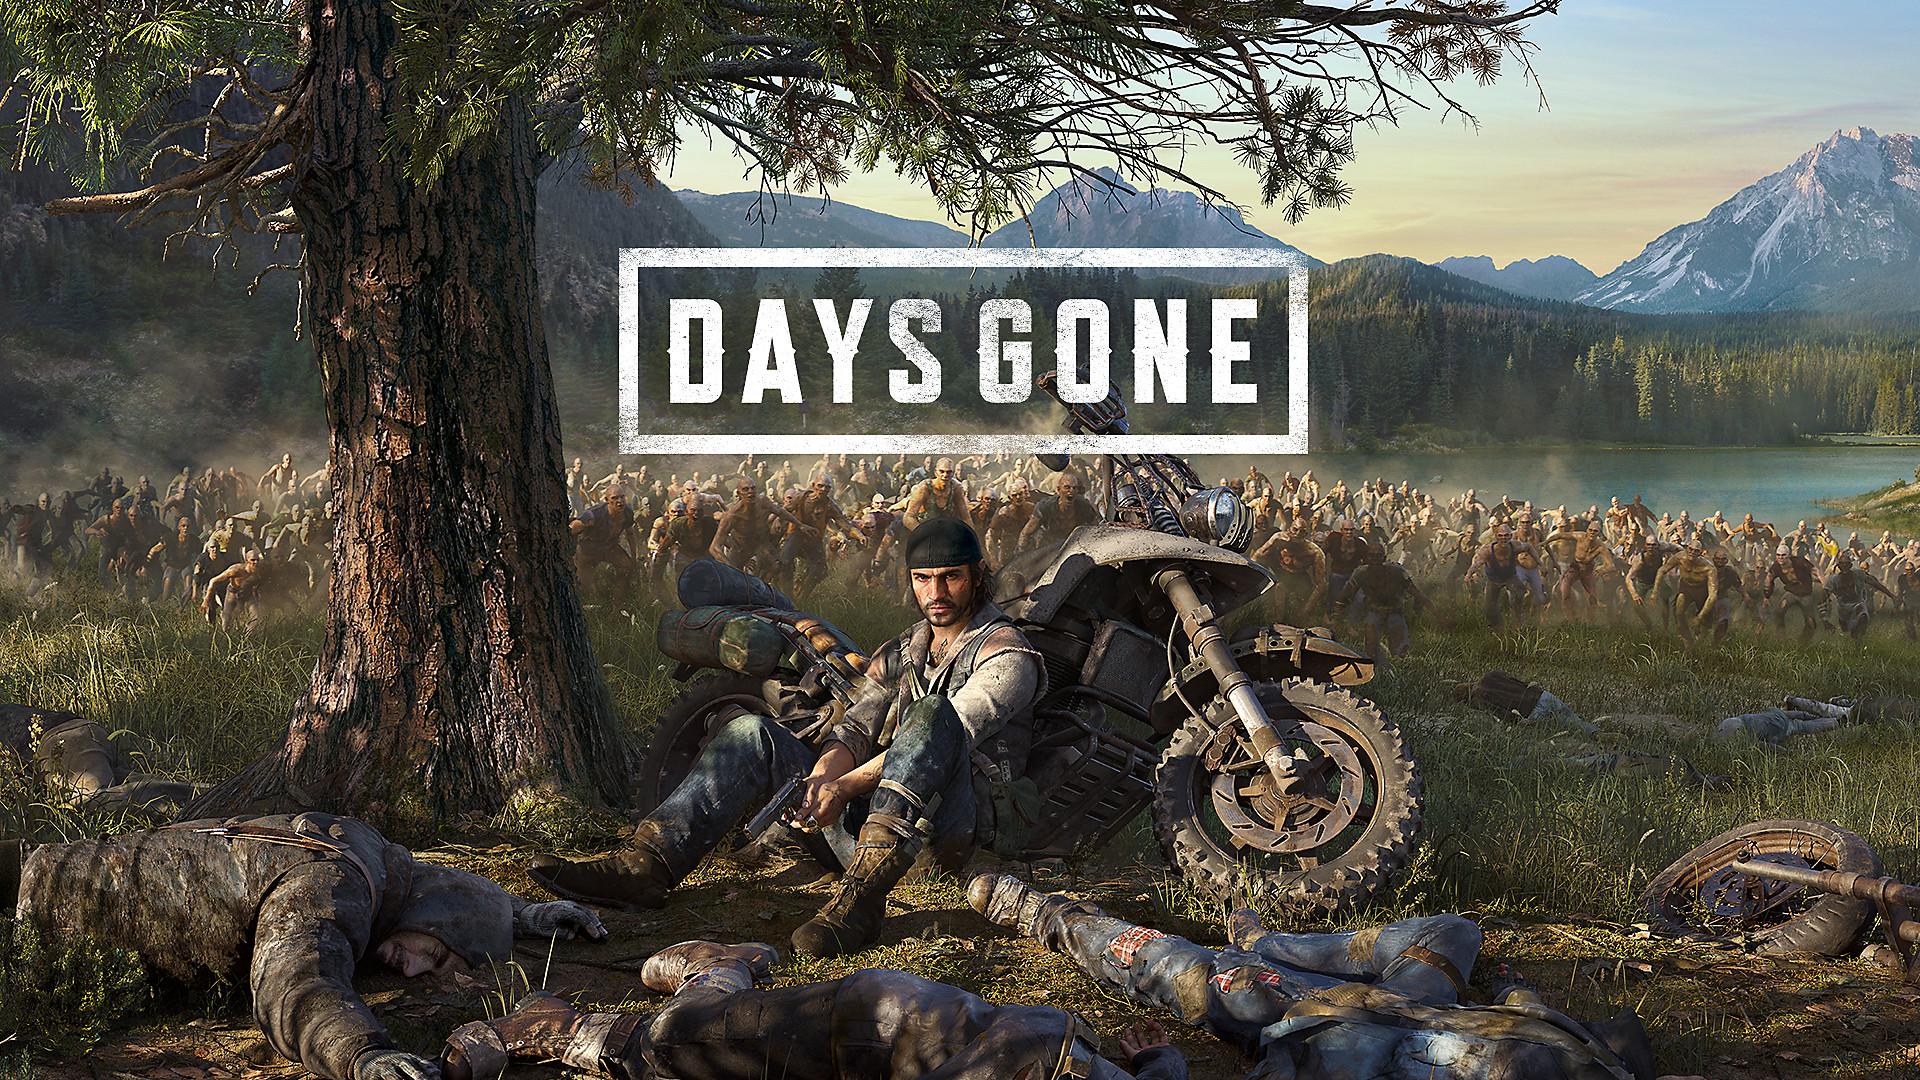 Namninsamling startad för uppföljare till Days Gone Över 72.000 har skrivit på